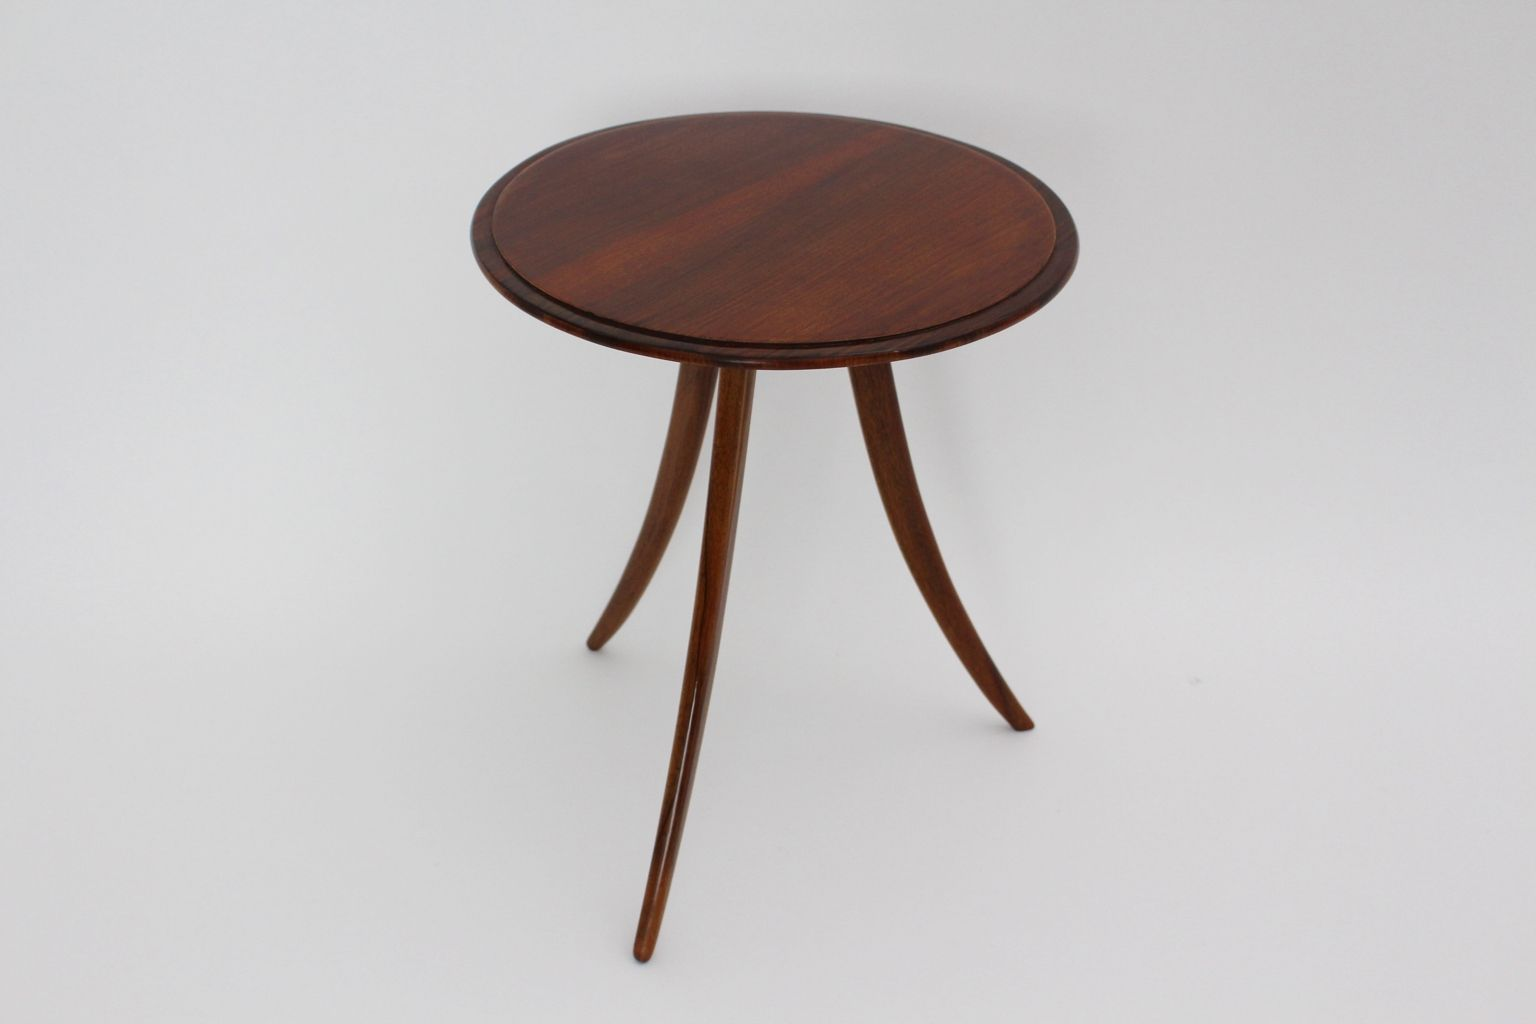 Table basse trois pieds par josef frank pour house and for Table basse trois pieds